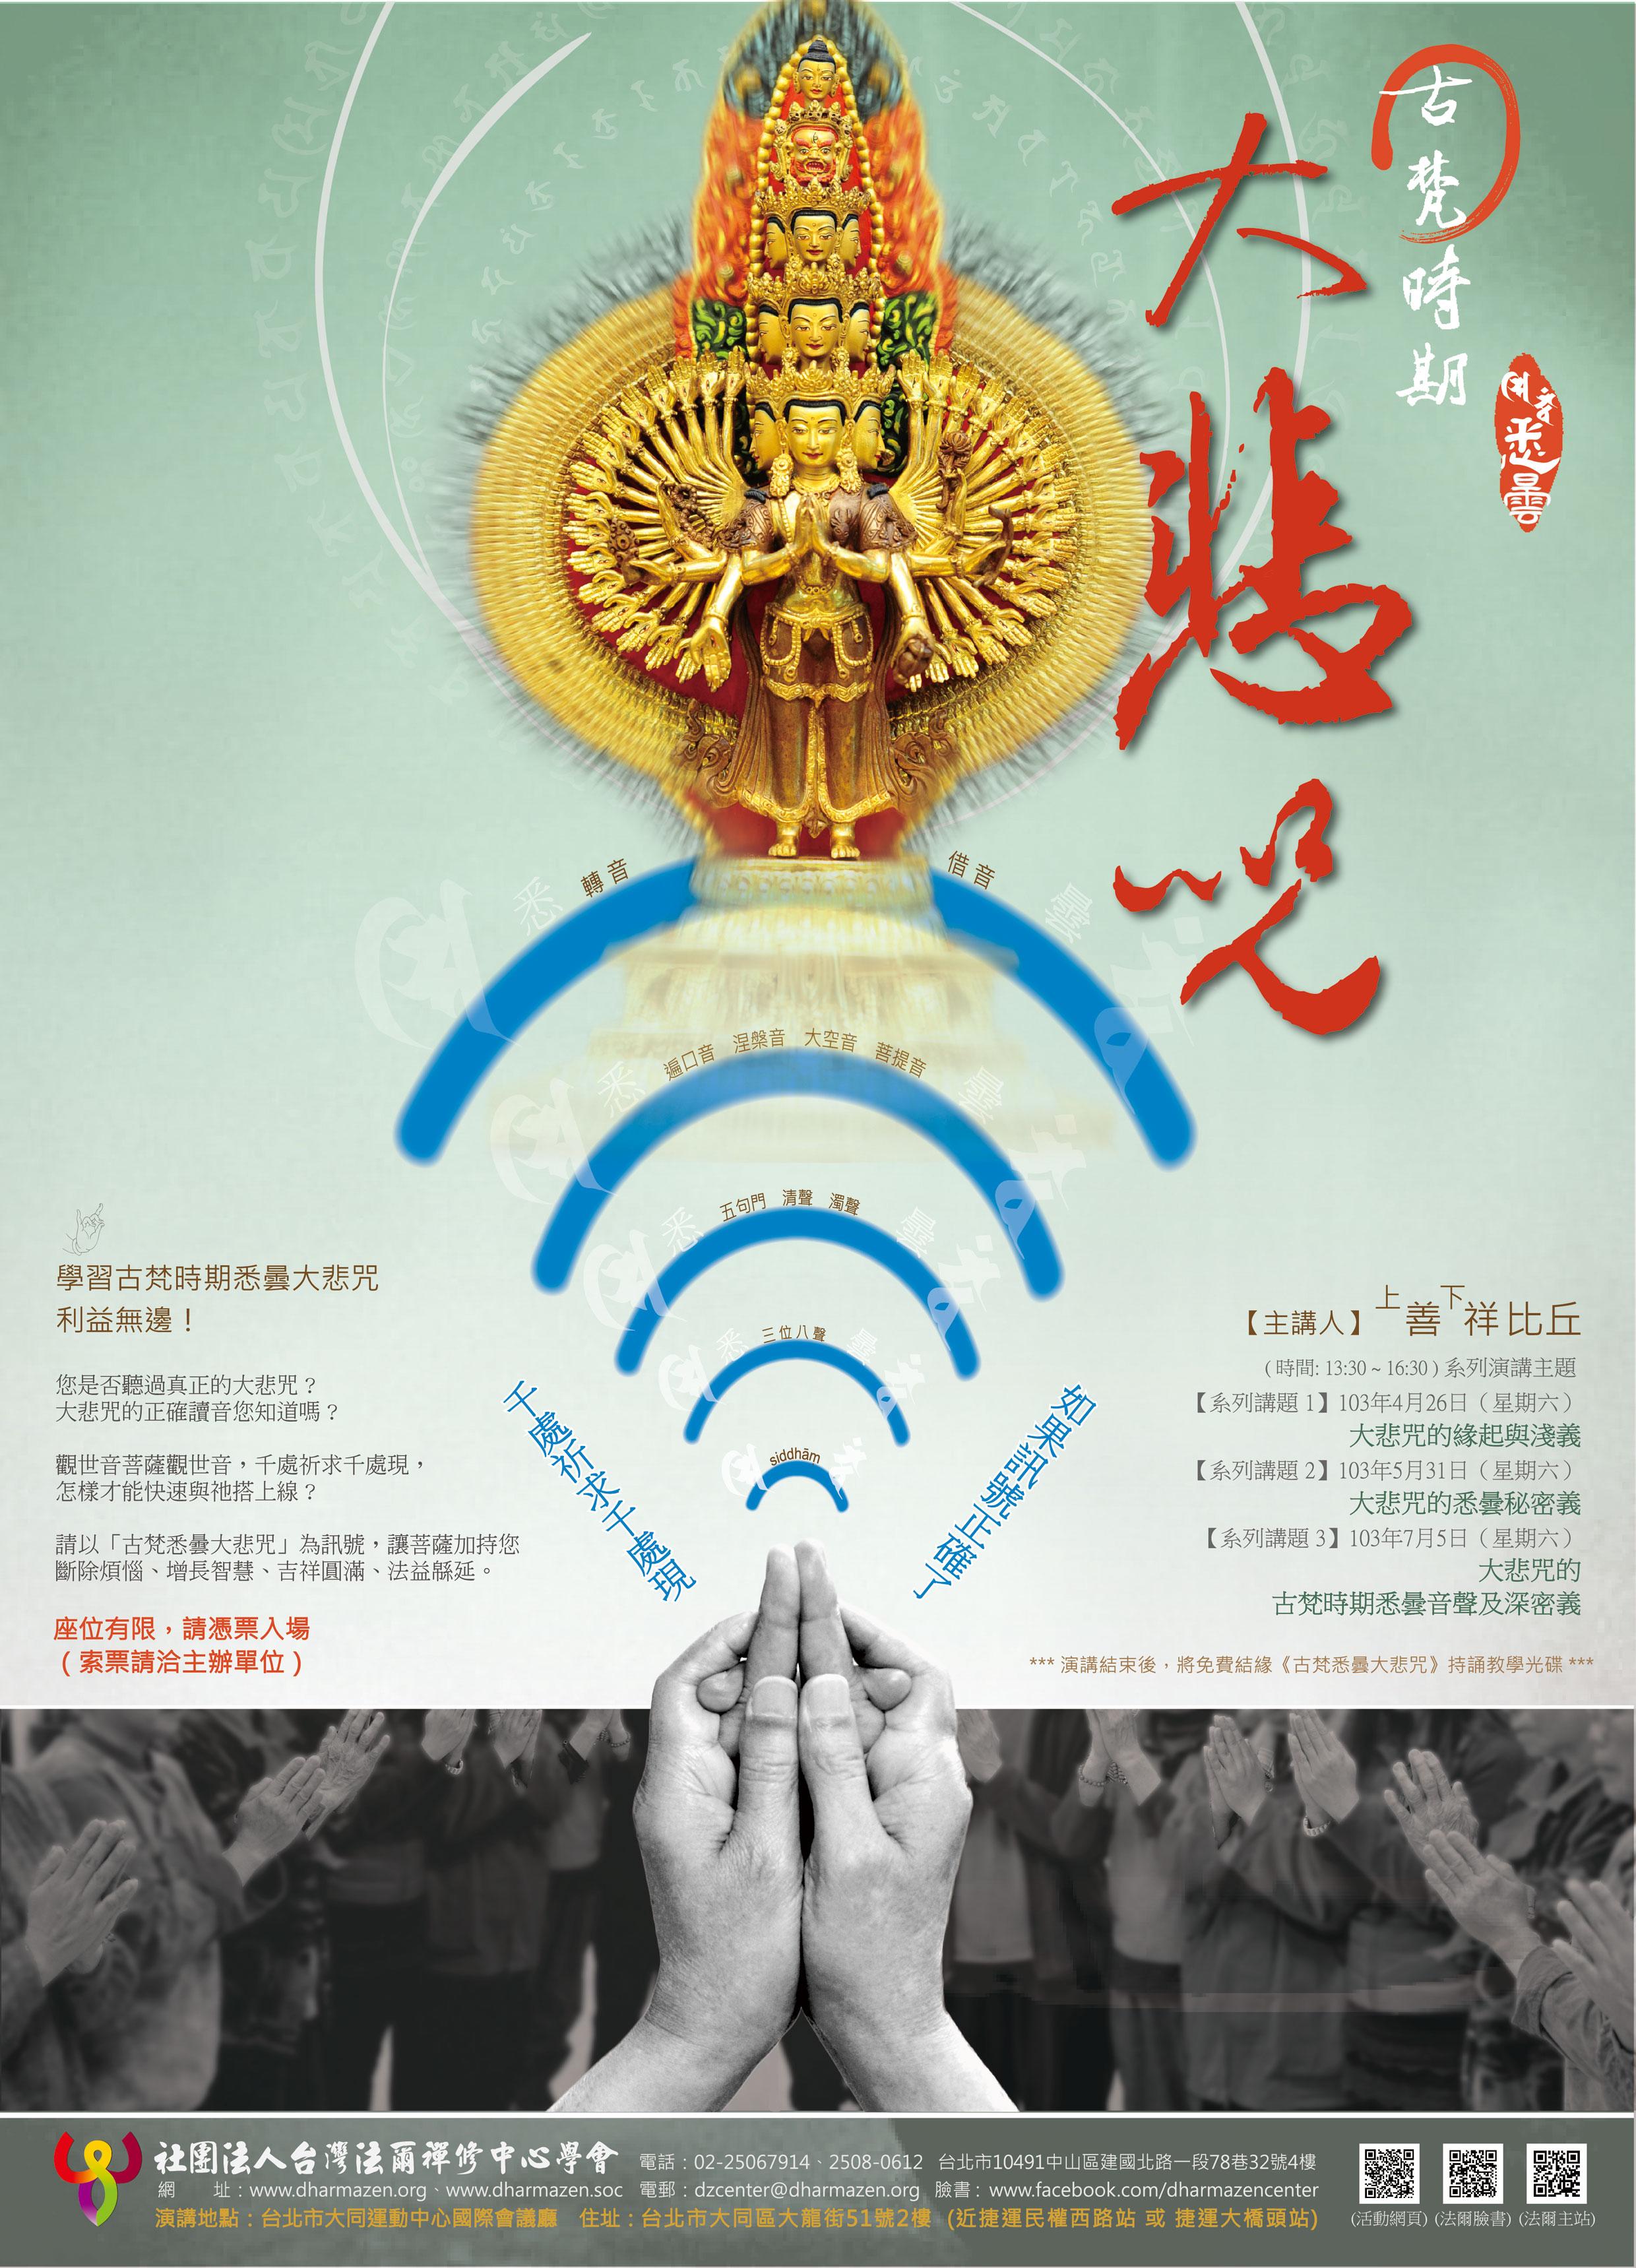 全球资讯_大悲咒系列演讲 | 法尔全球资讯网